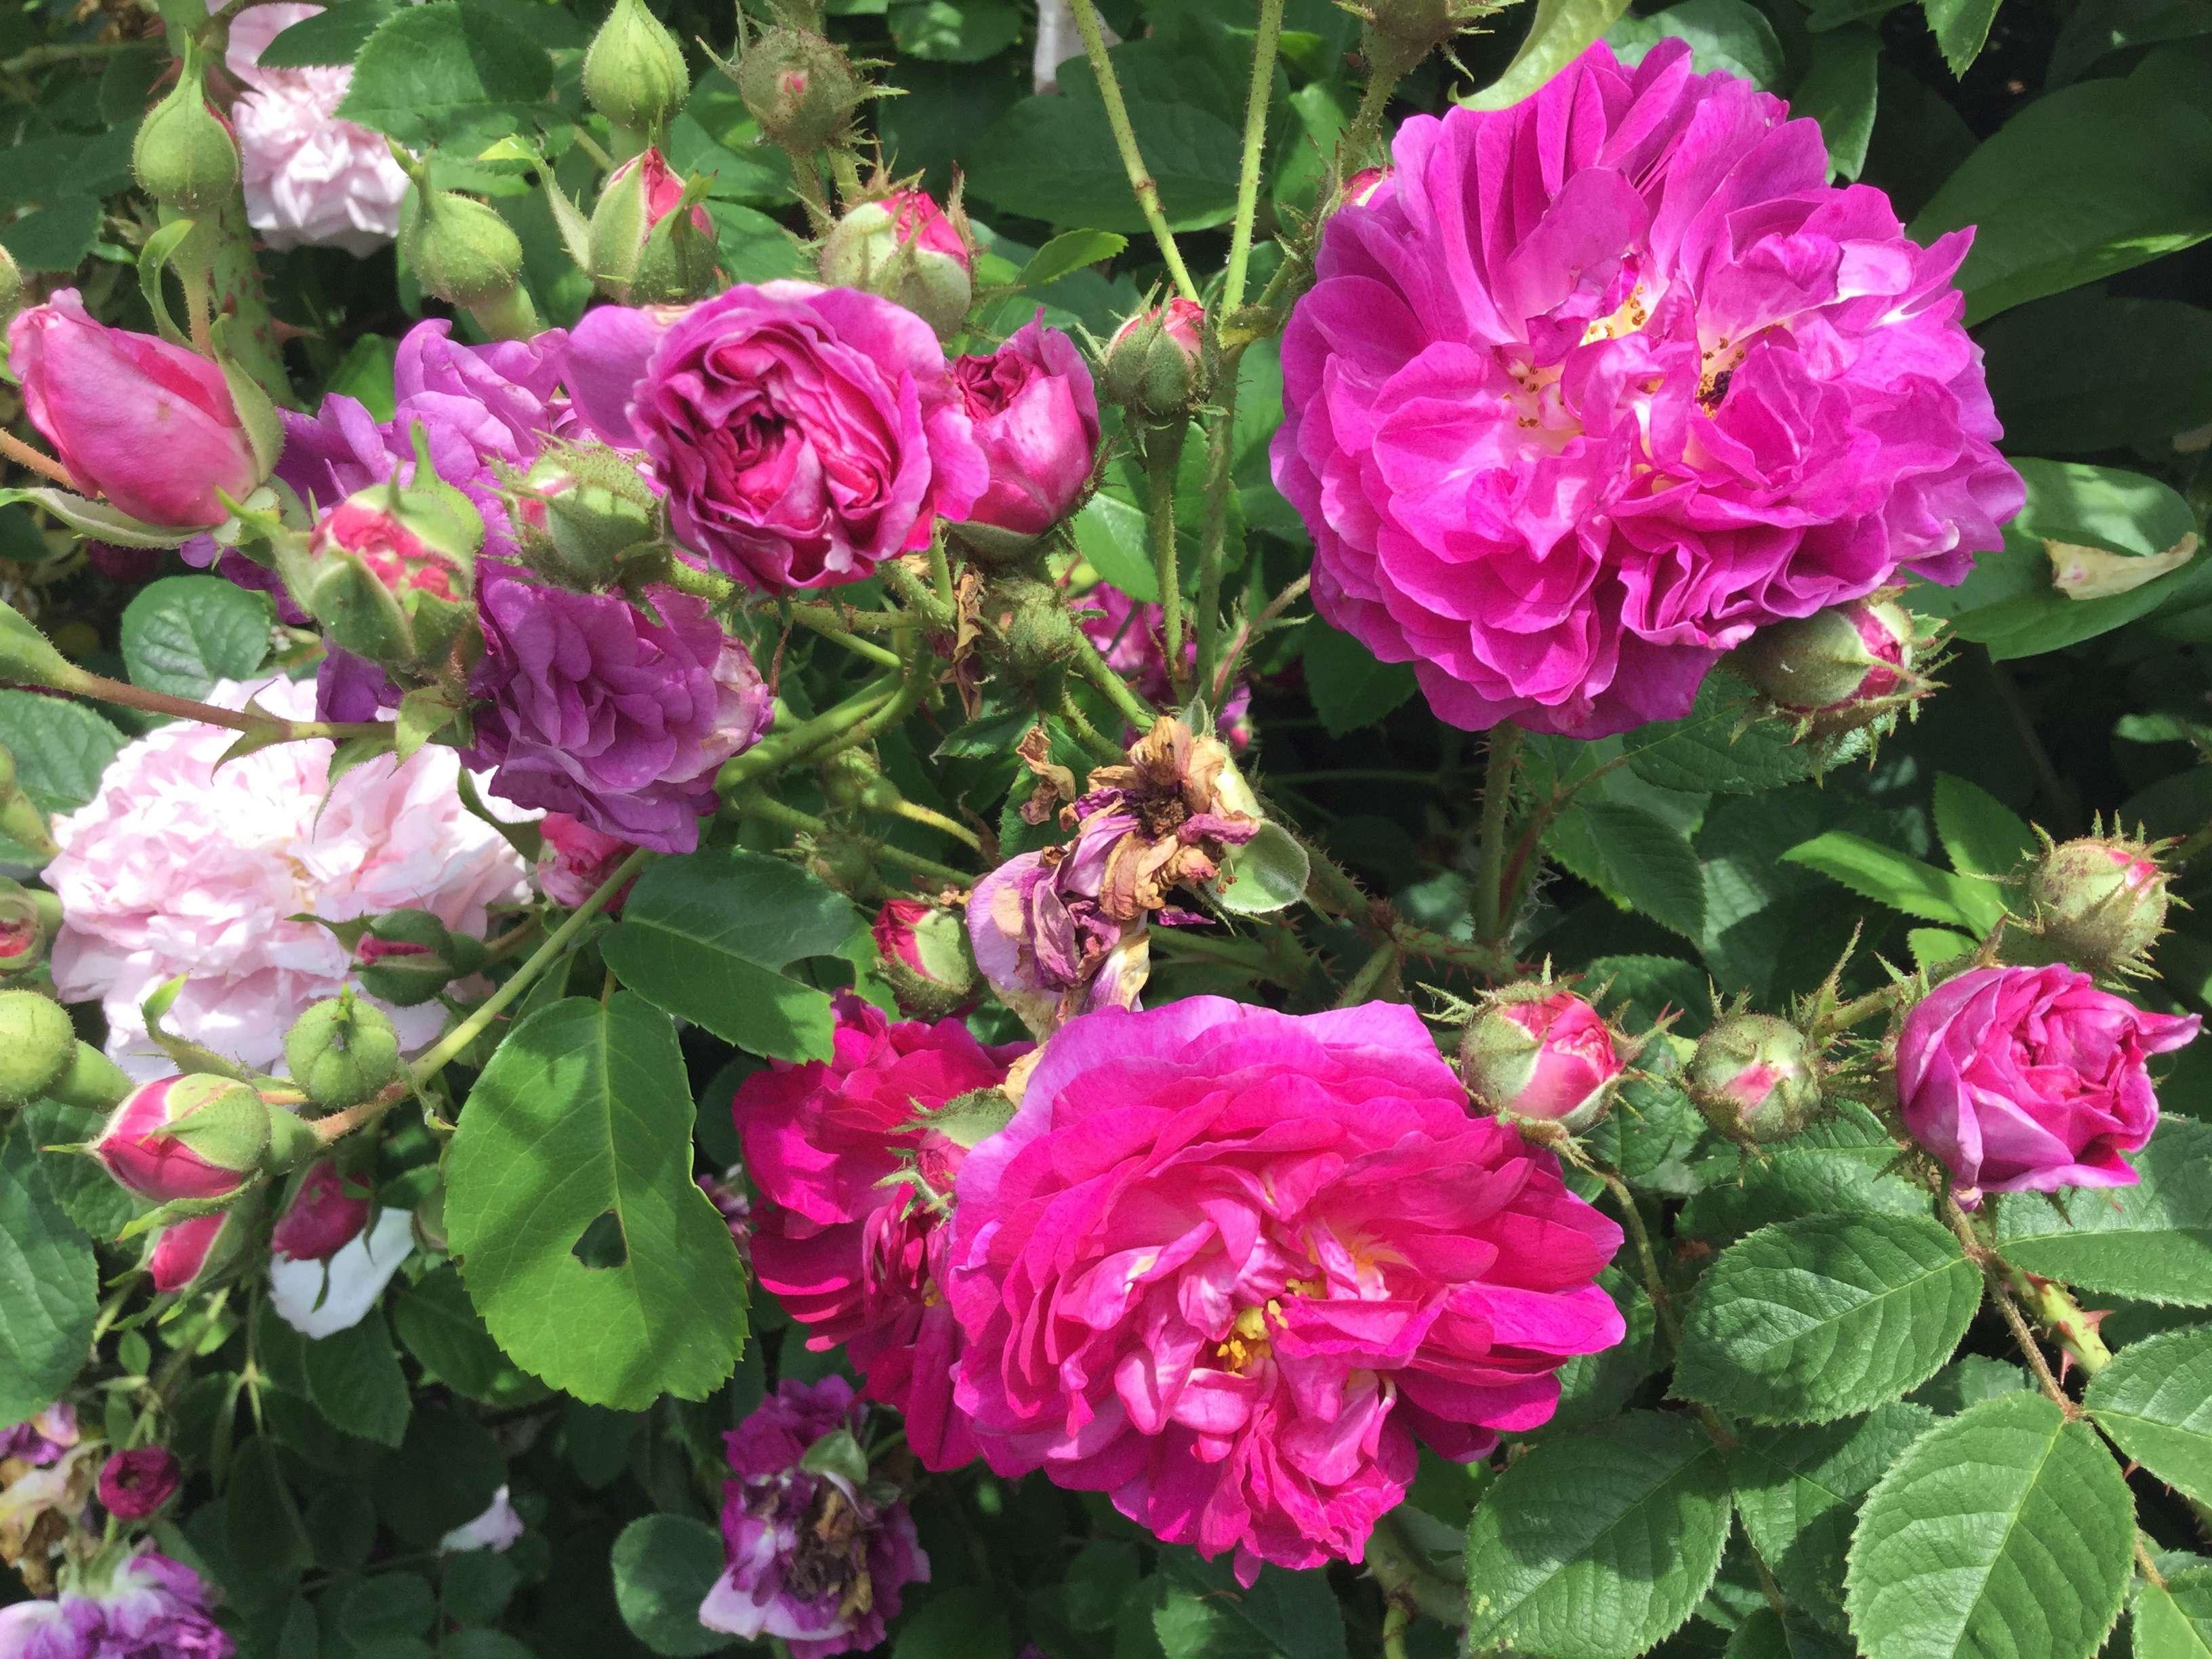 La Roseraie des Pommiers en Ardèche 28c29e10